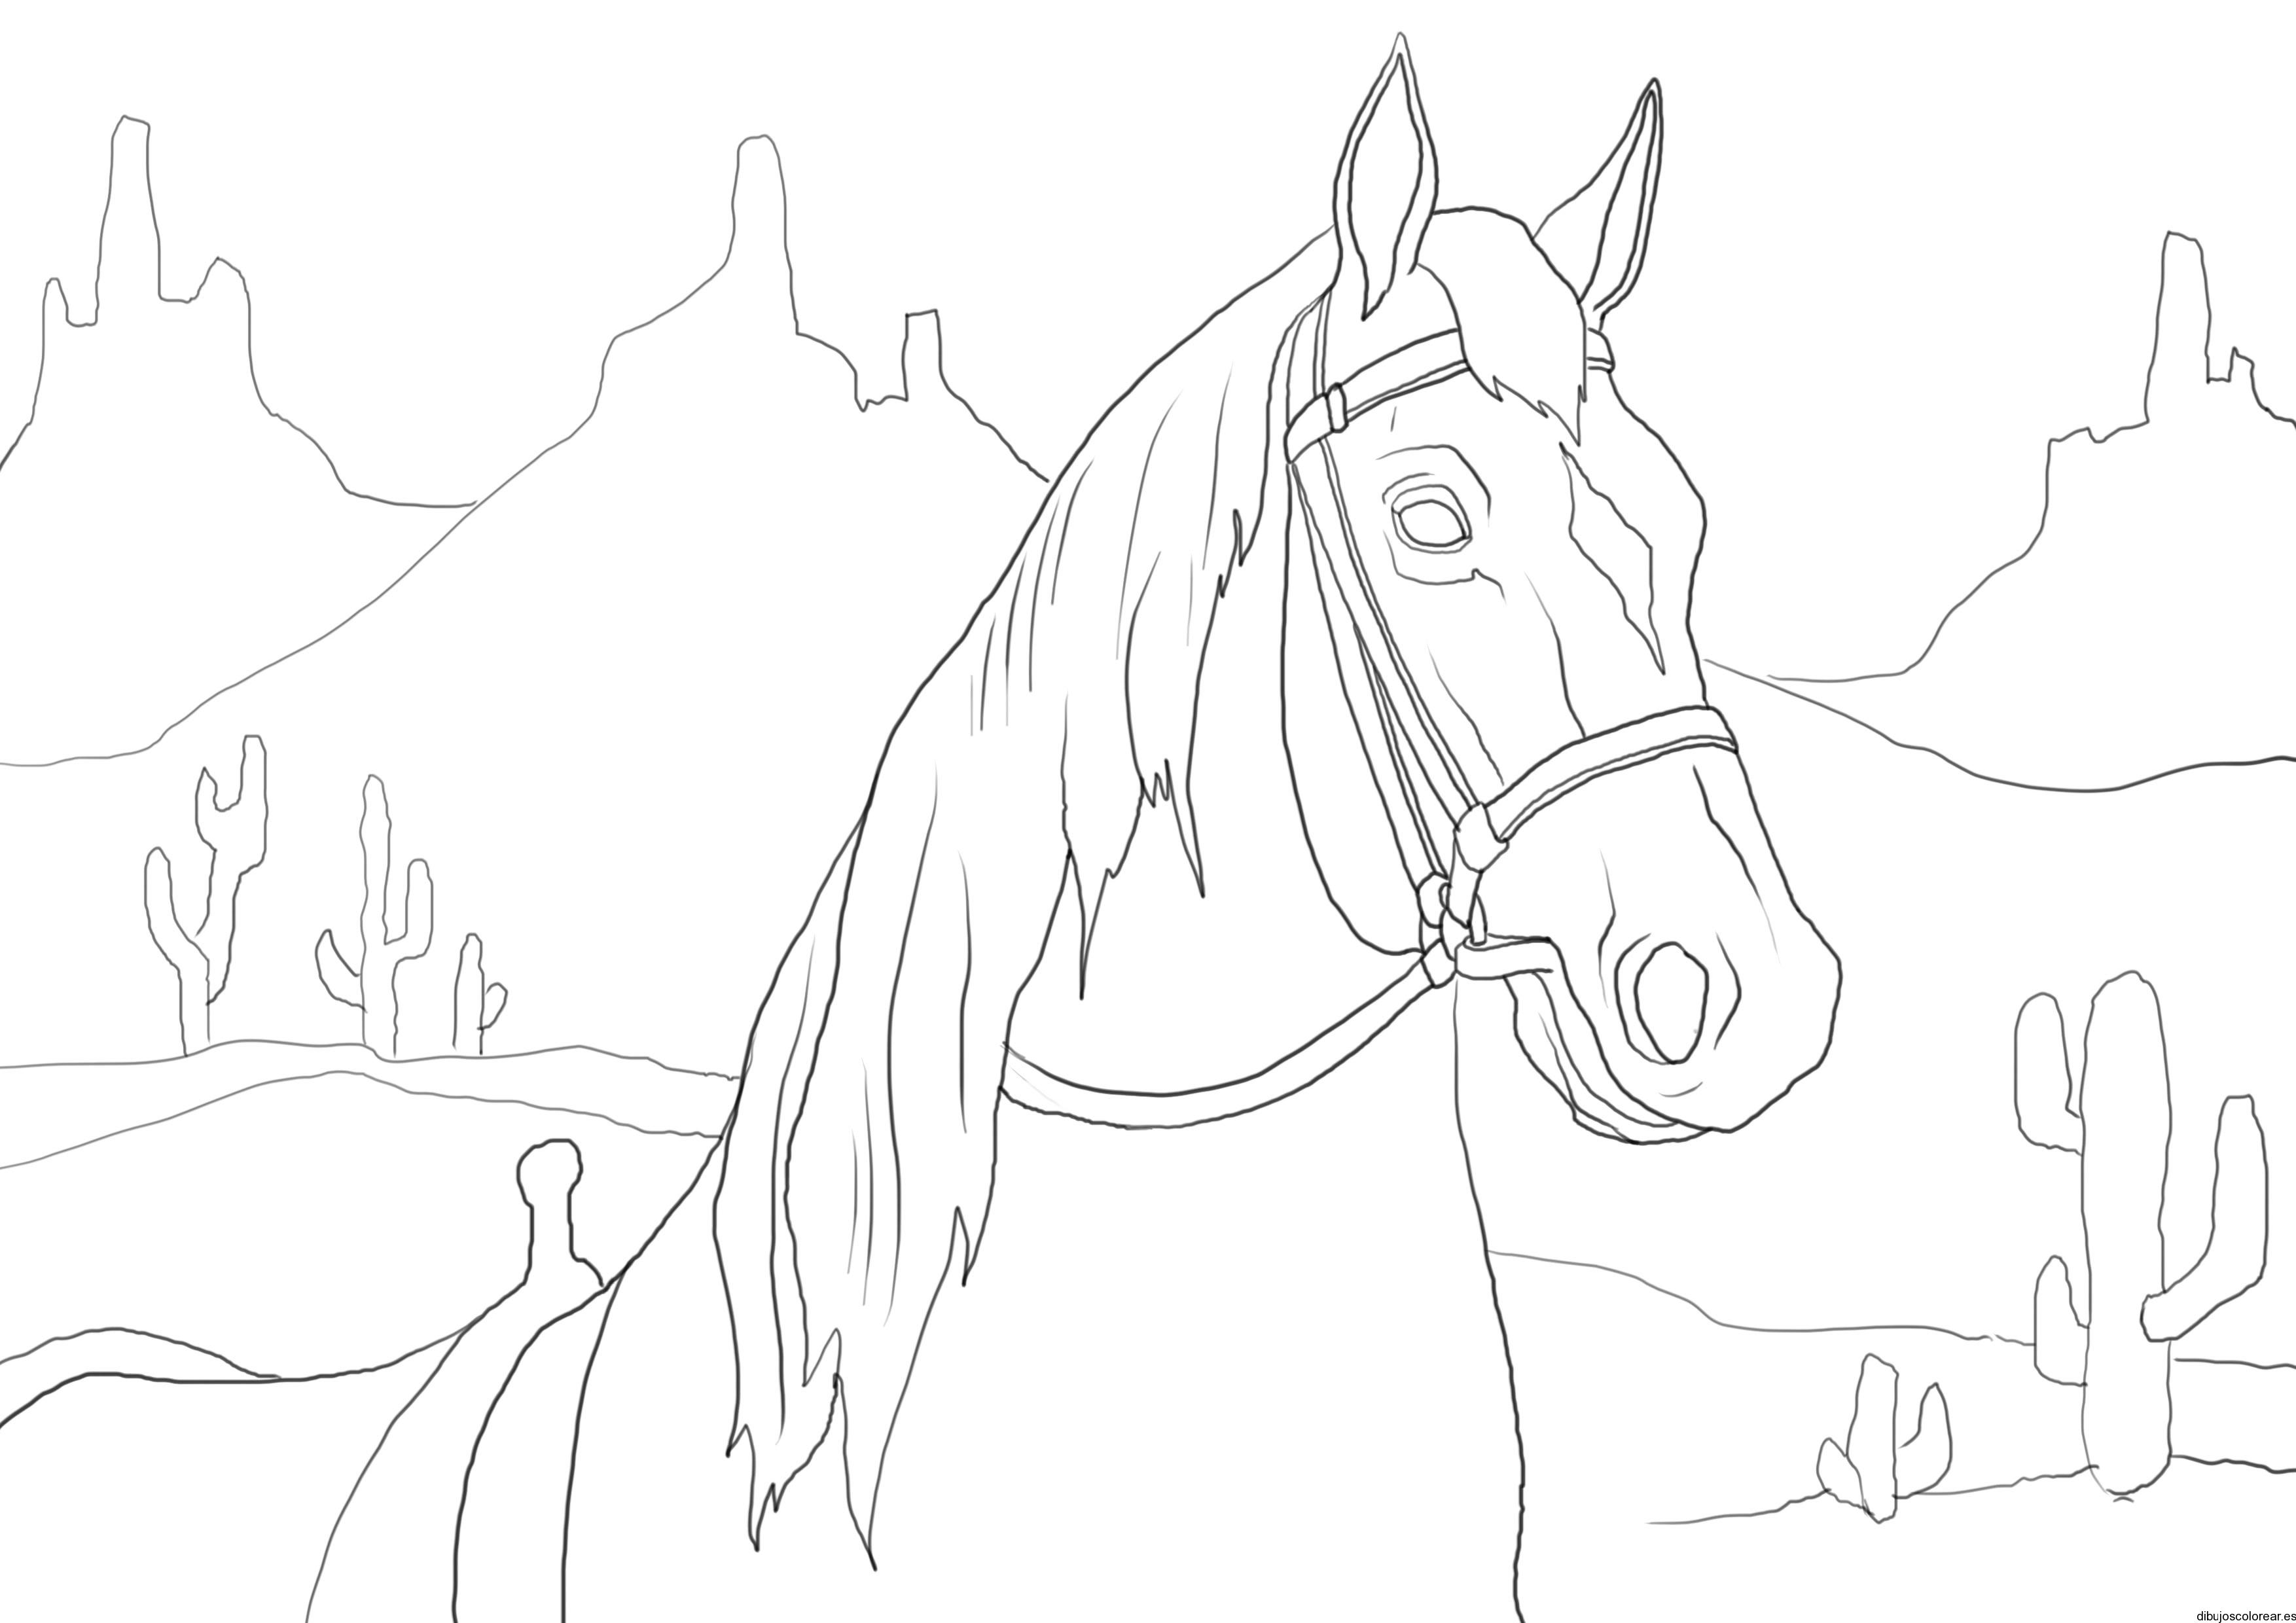 Dibujo de un caballo en trote